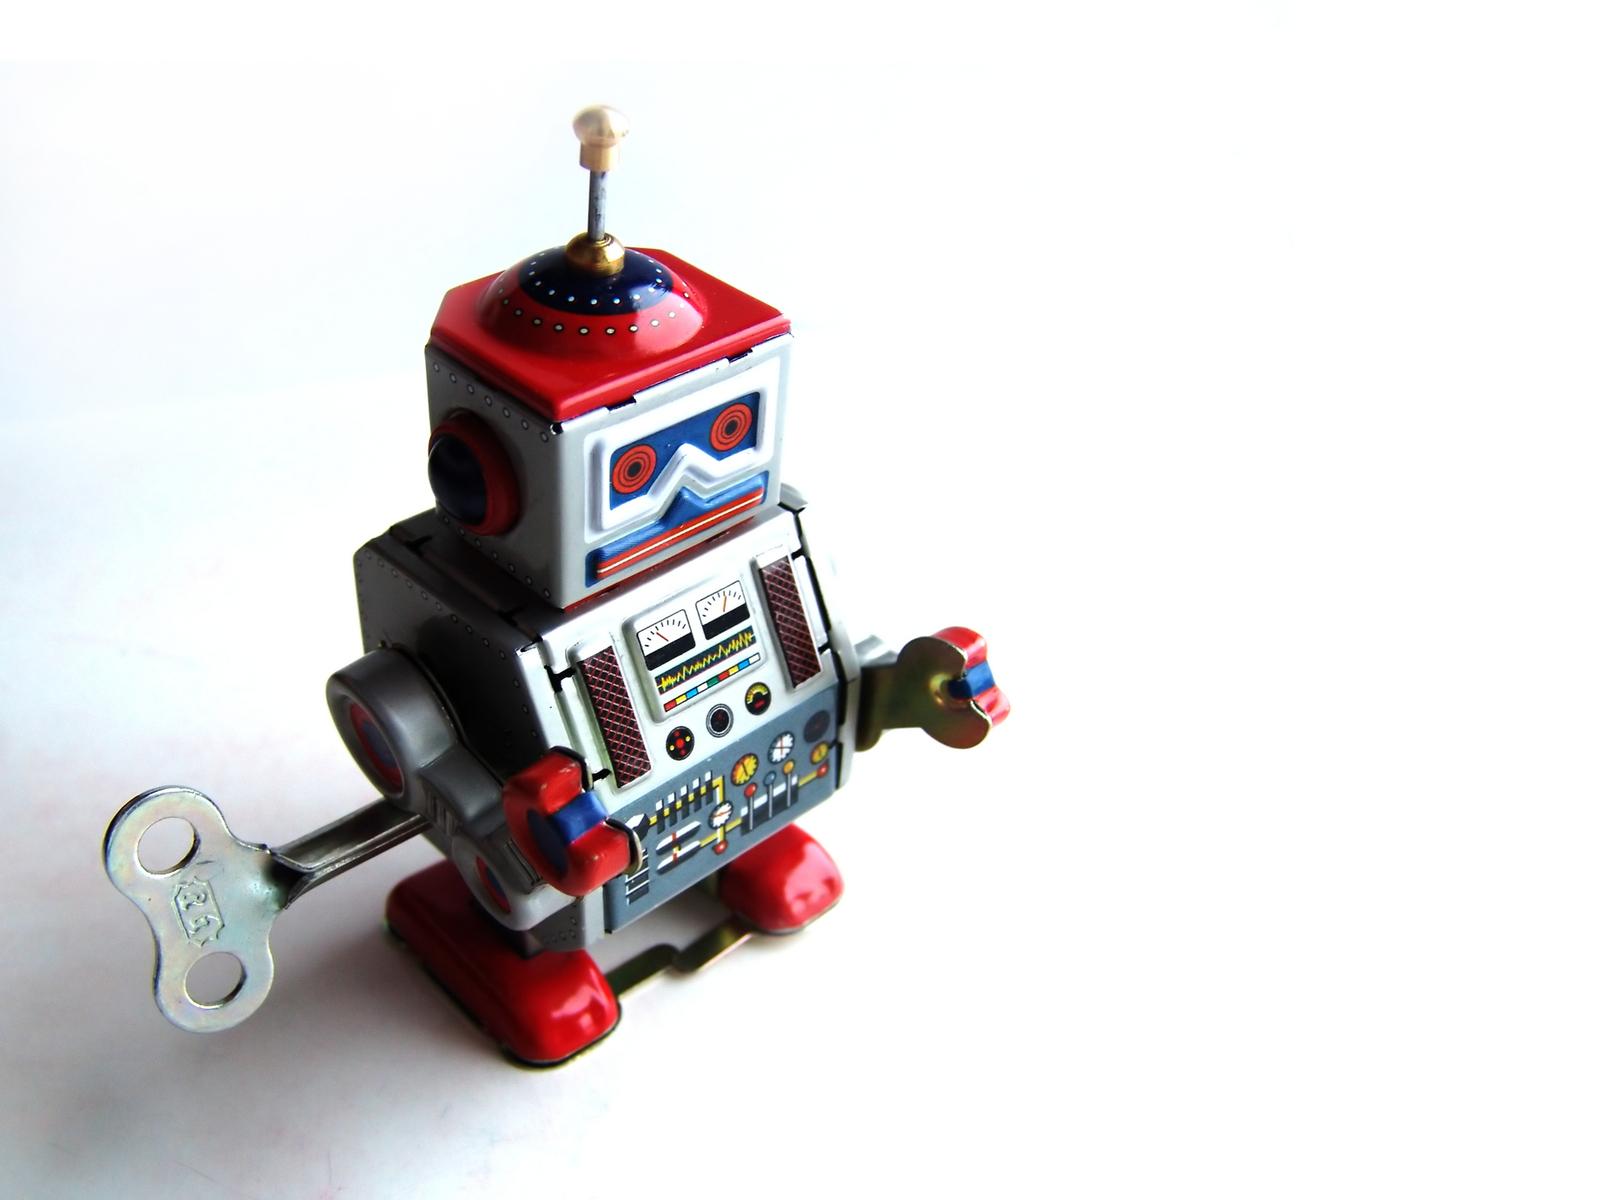 Opgepast dames, de robots komen!